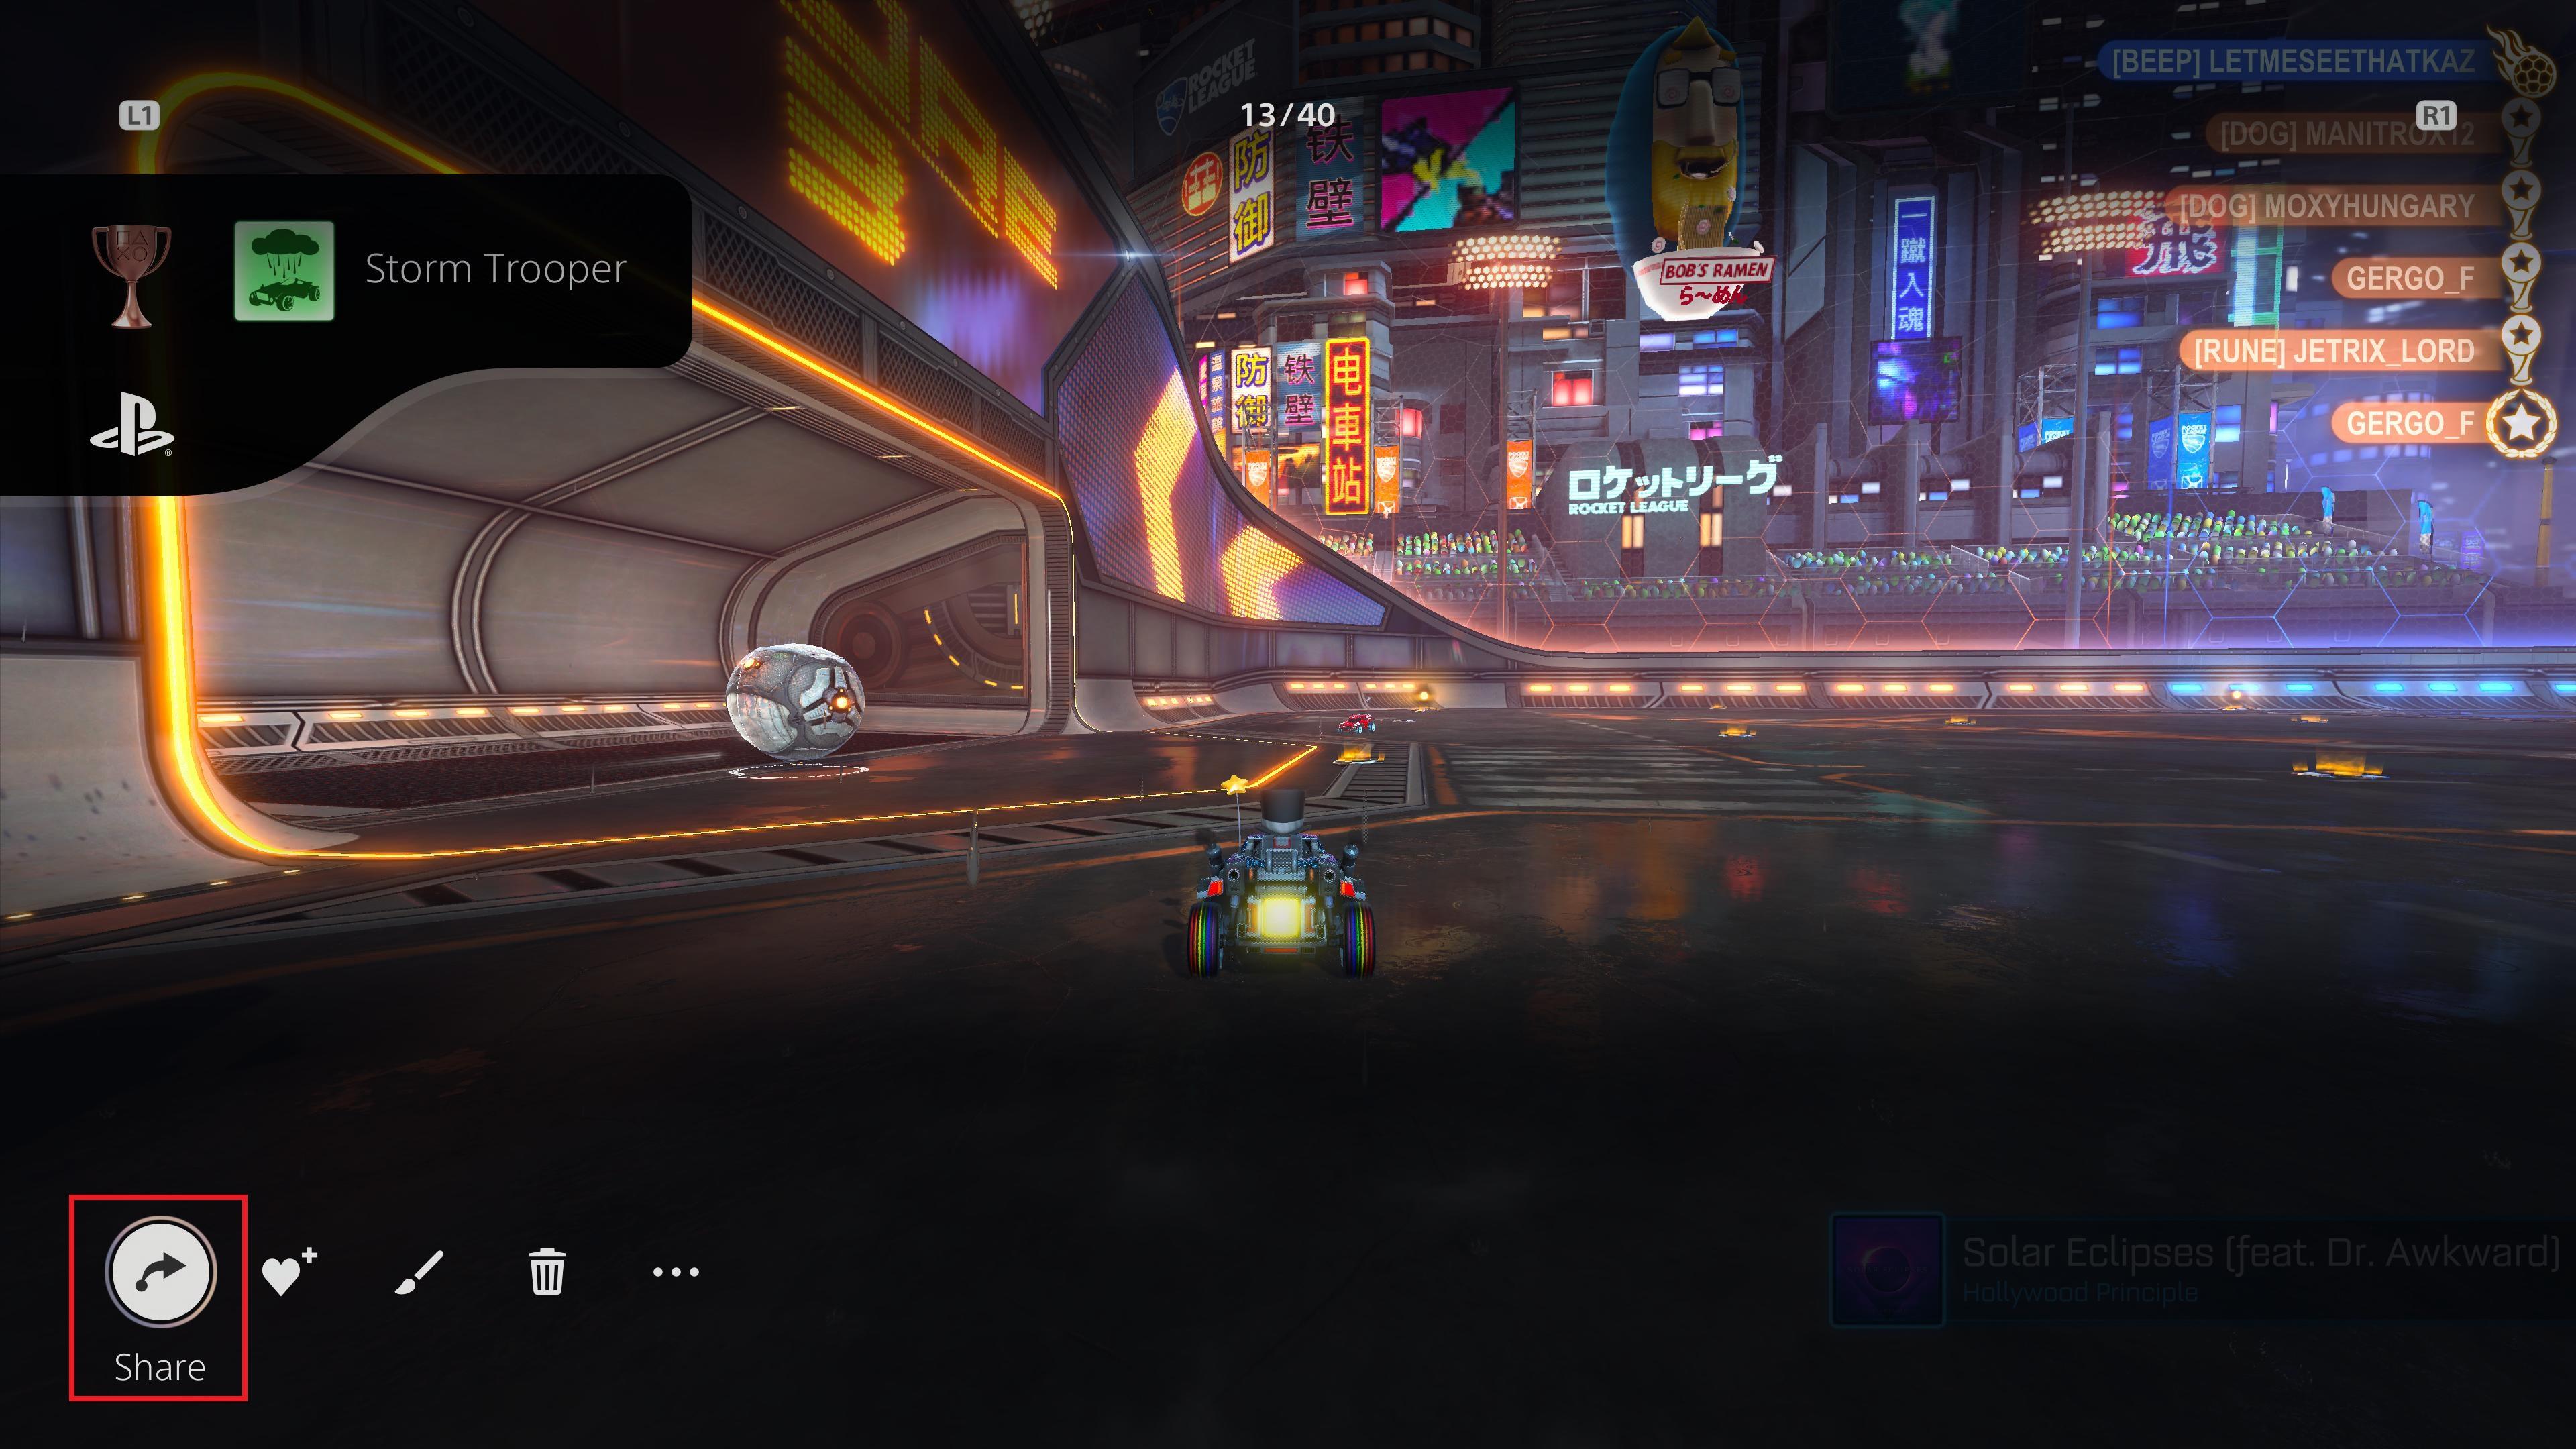 Come trasferire gli screenshot di PS5 su PC o telefono - Condividi